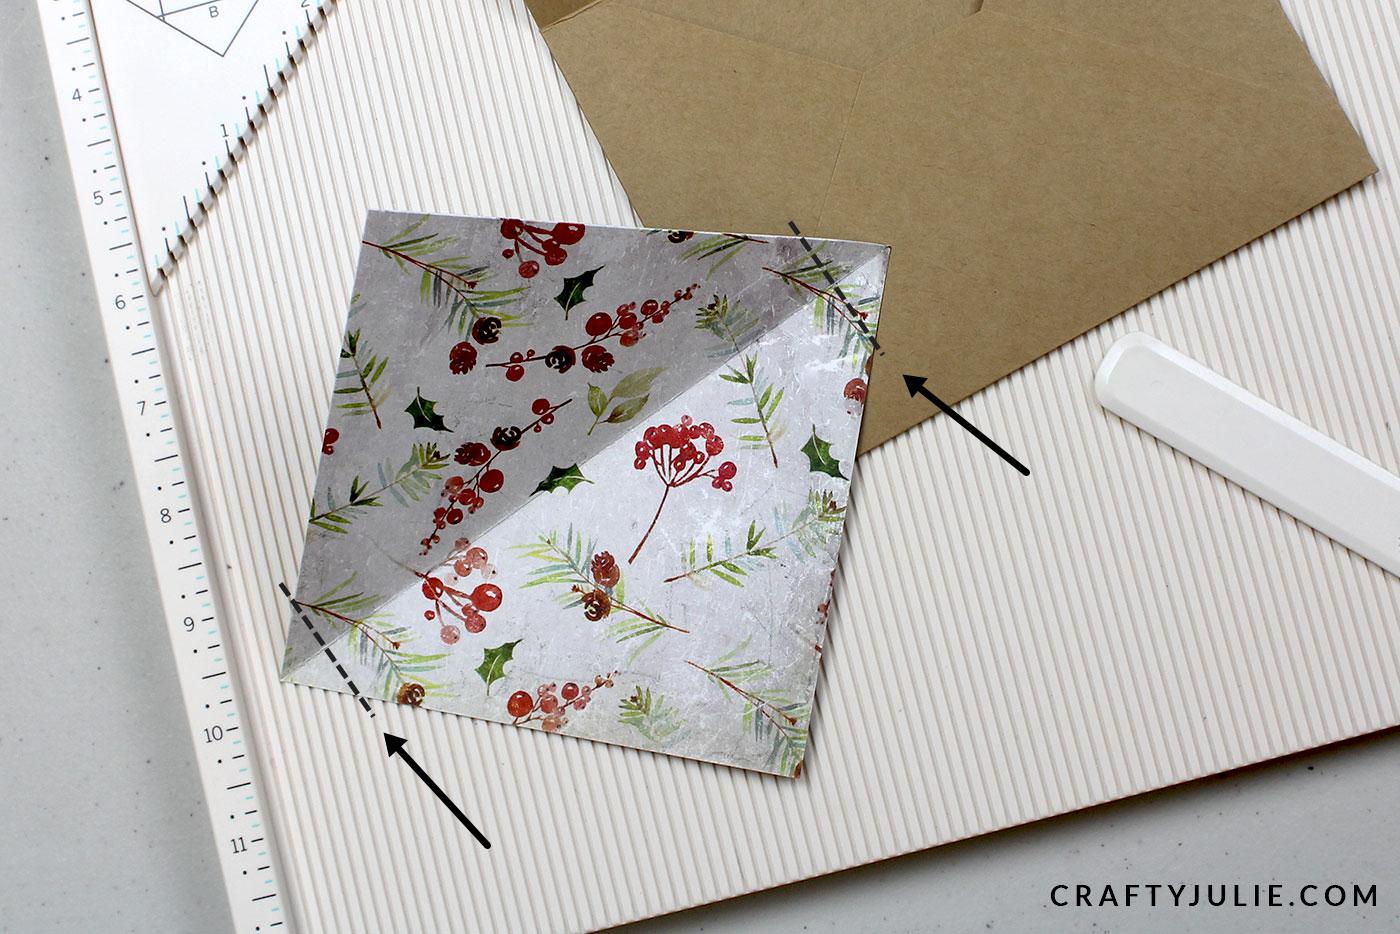 trimming edges of envelope liner insert